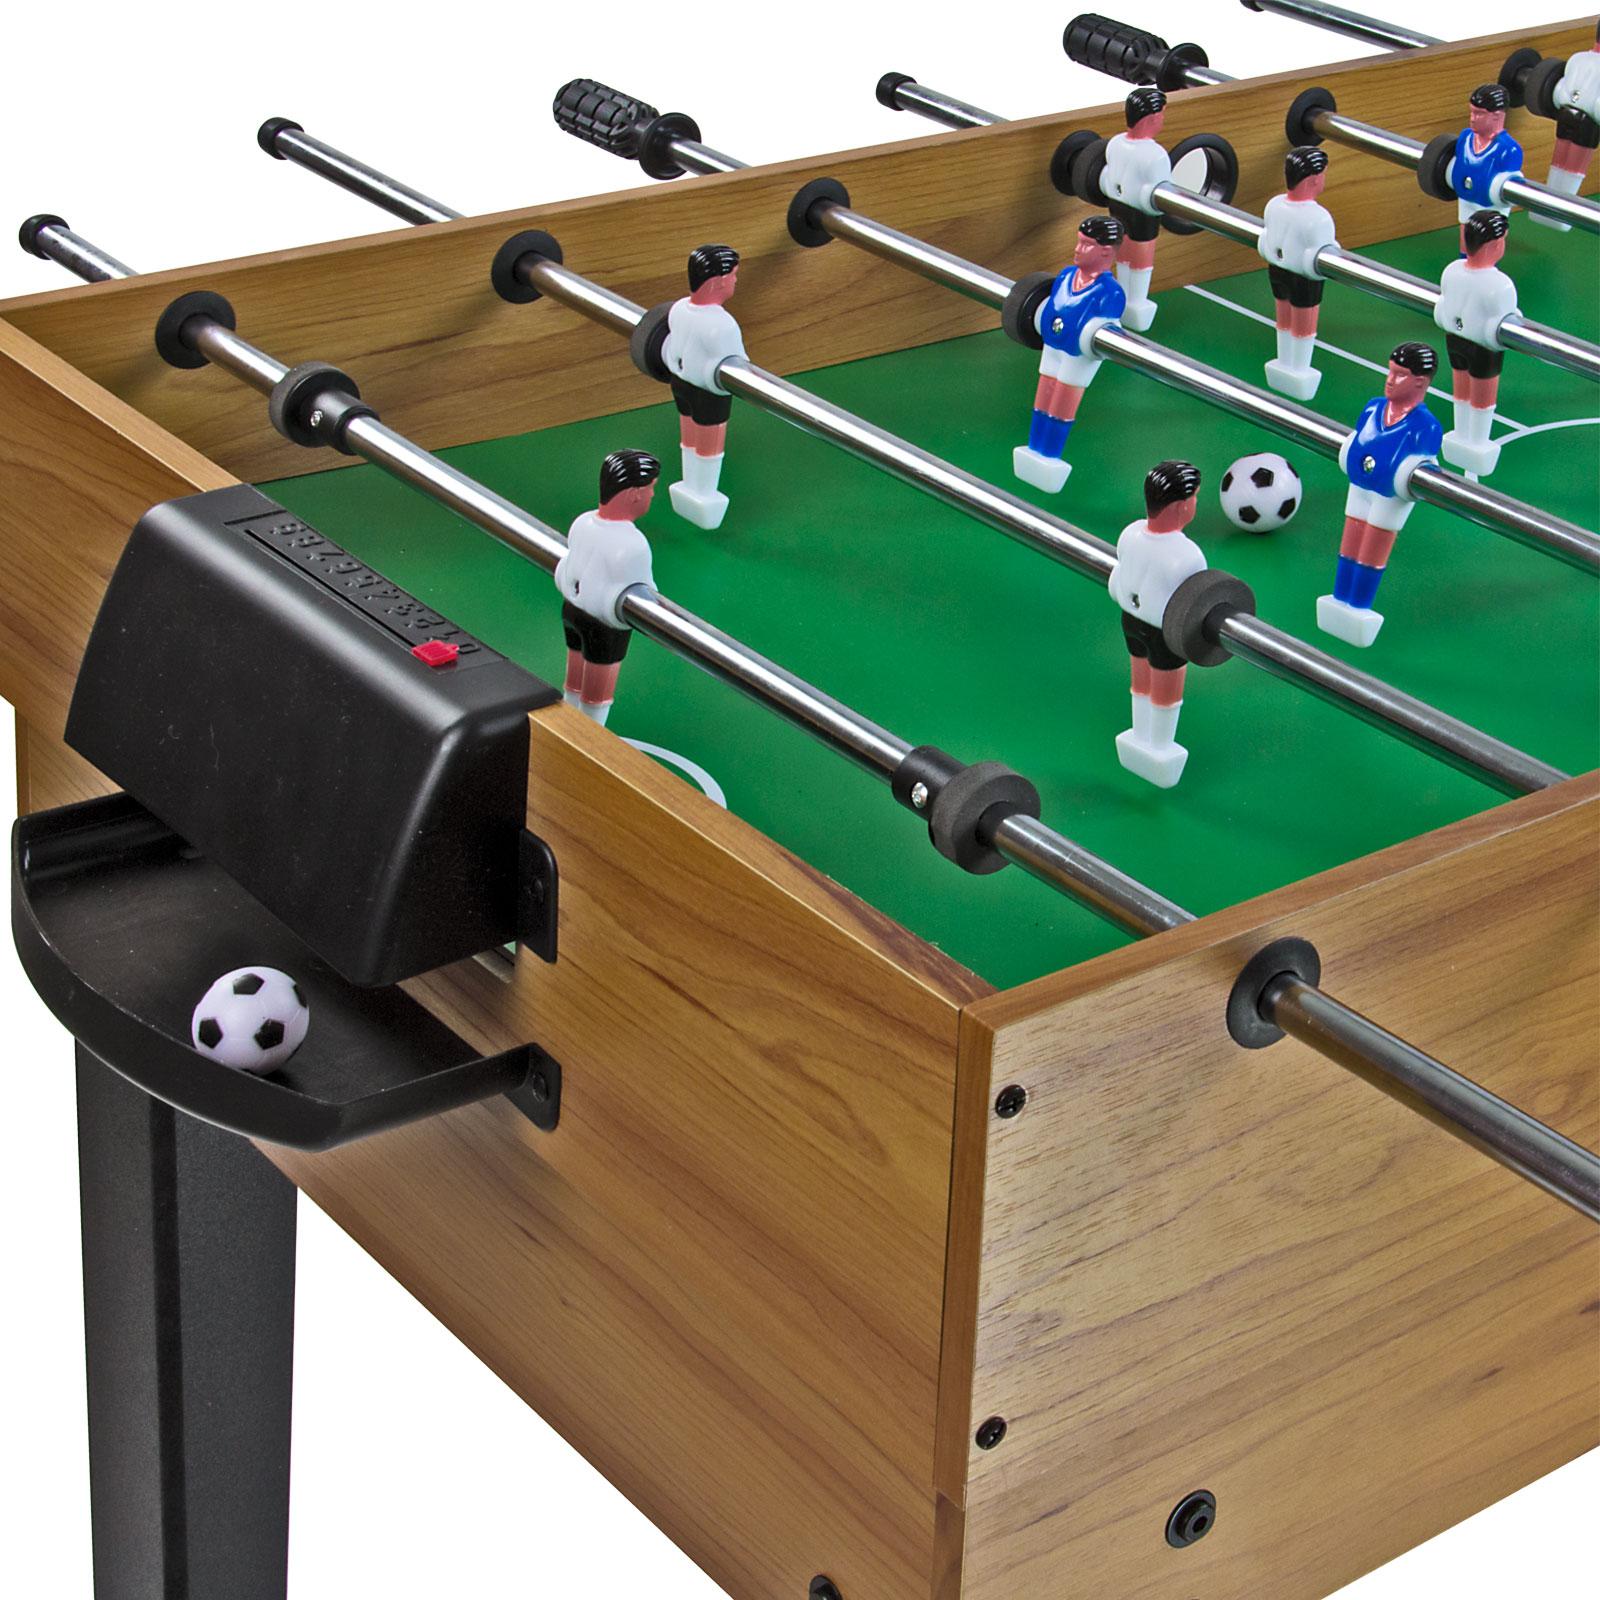 Tischkicker Multigame Spieltisch Kicker Billard 10in1